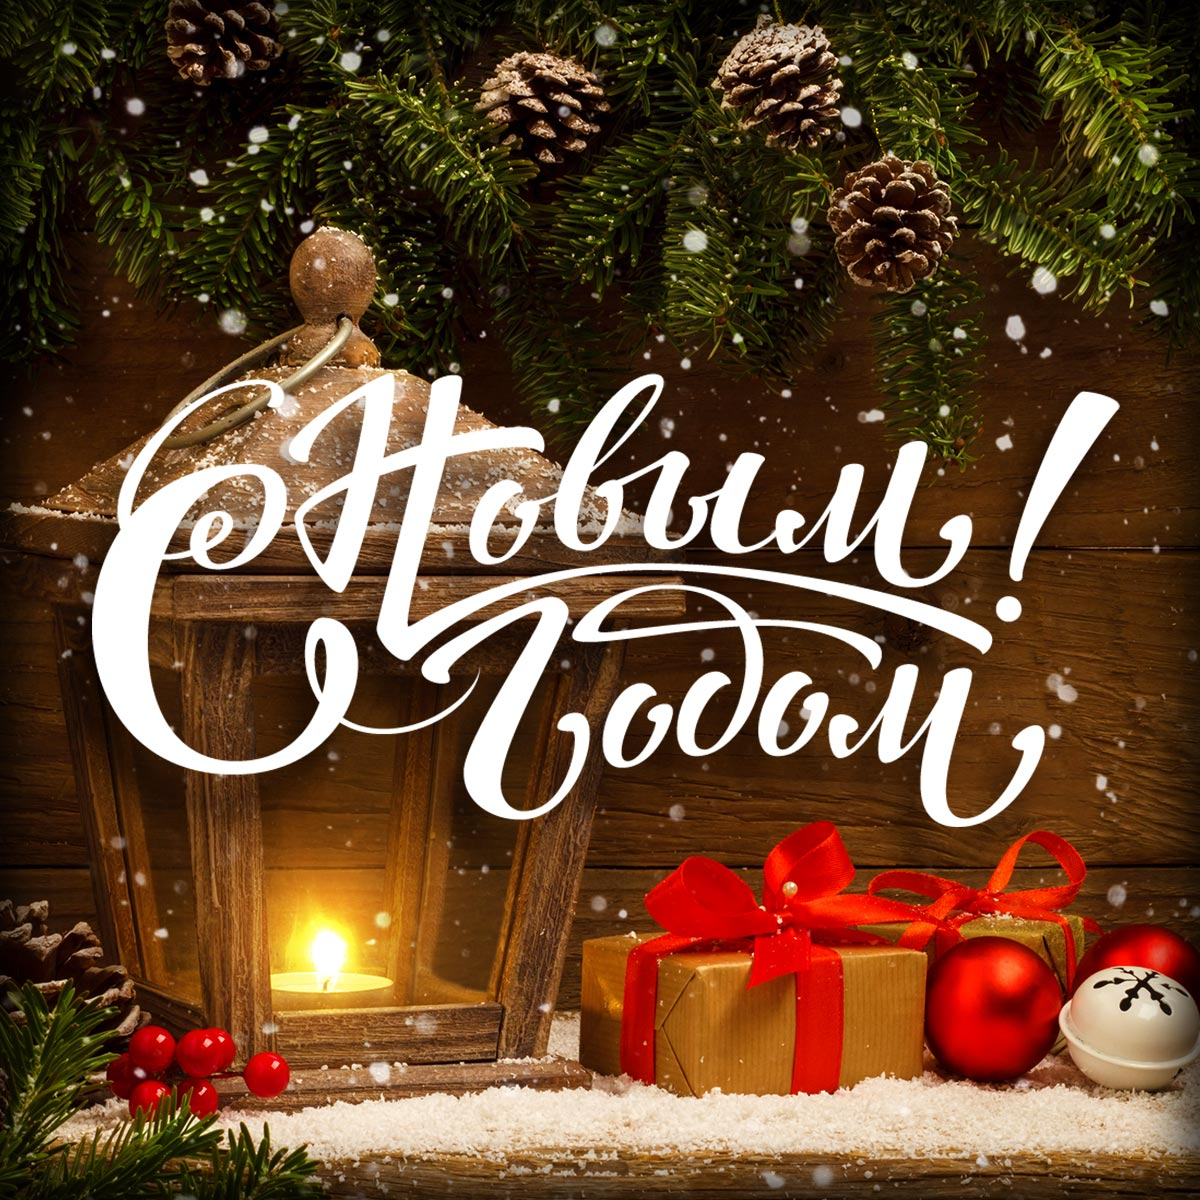 Фото картинка на новый год с поздравительной надписью на фоне еловых веток с шишками, старинного фонаря с горящей свечой и рождественских подарков.